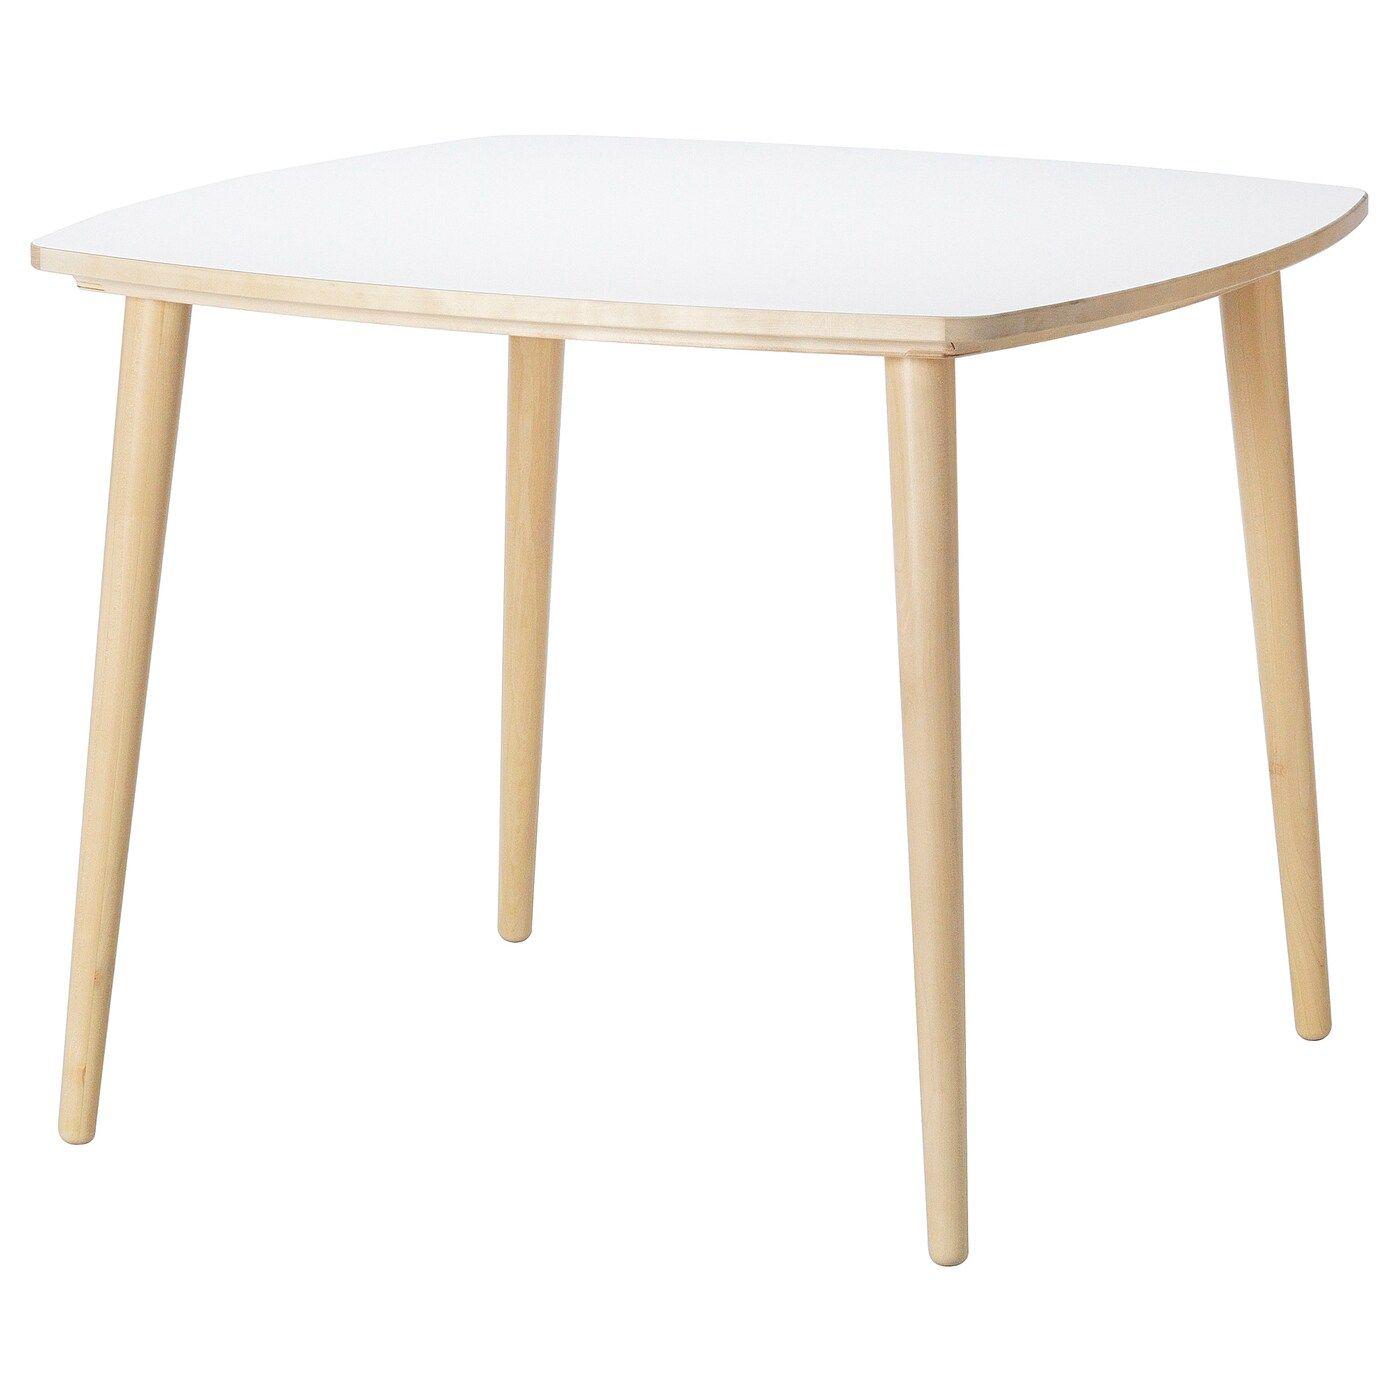 Omtanksam Table White Birch Ikea In 2020 Tisch Weiss Ikea Tisch Tisch [ 1400 x 1400 Pixel ]